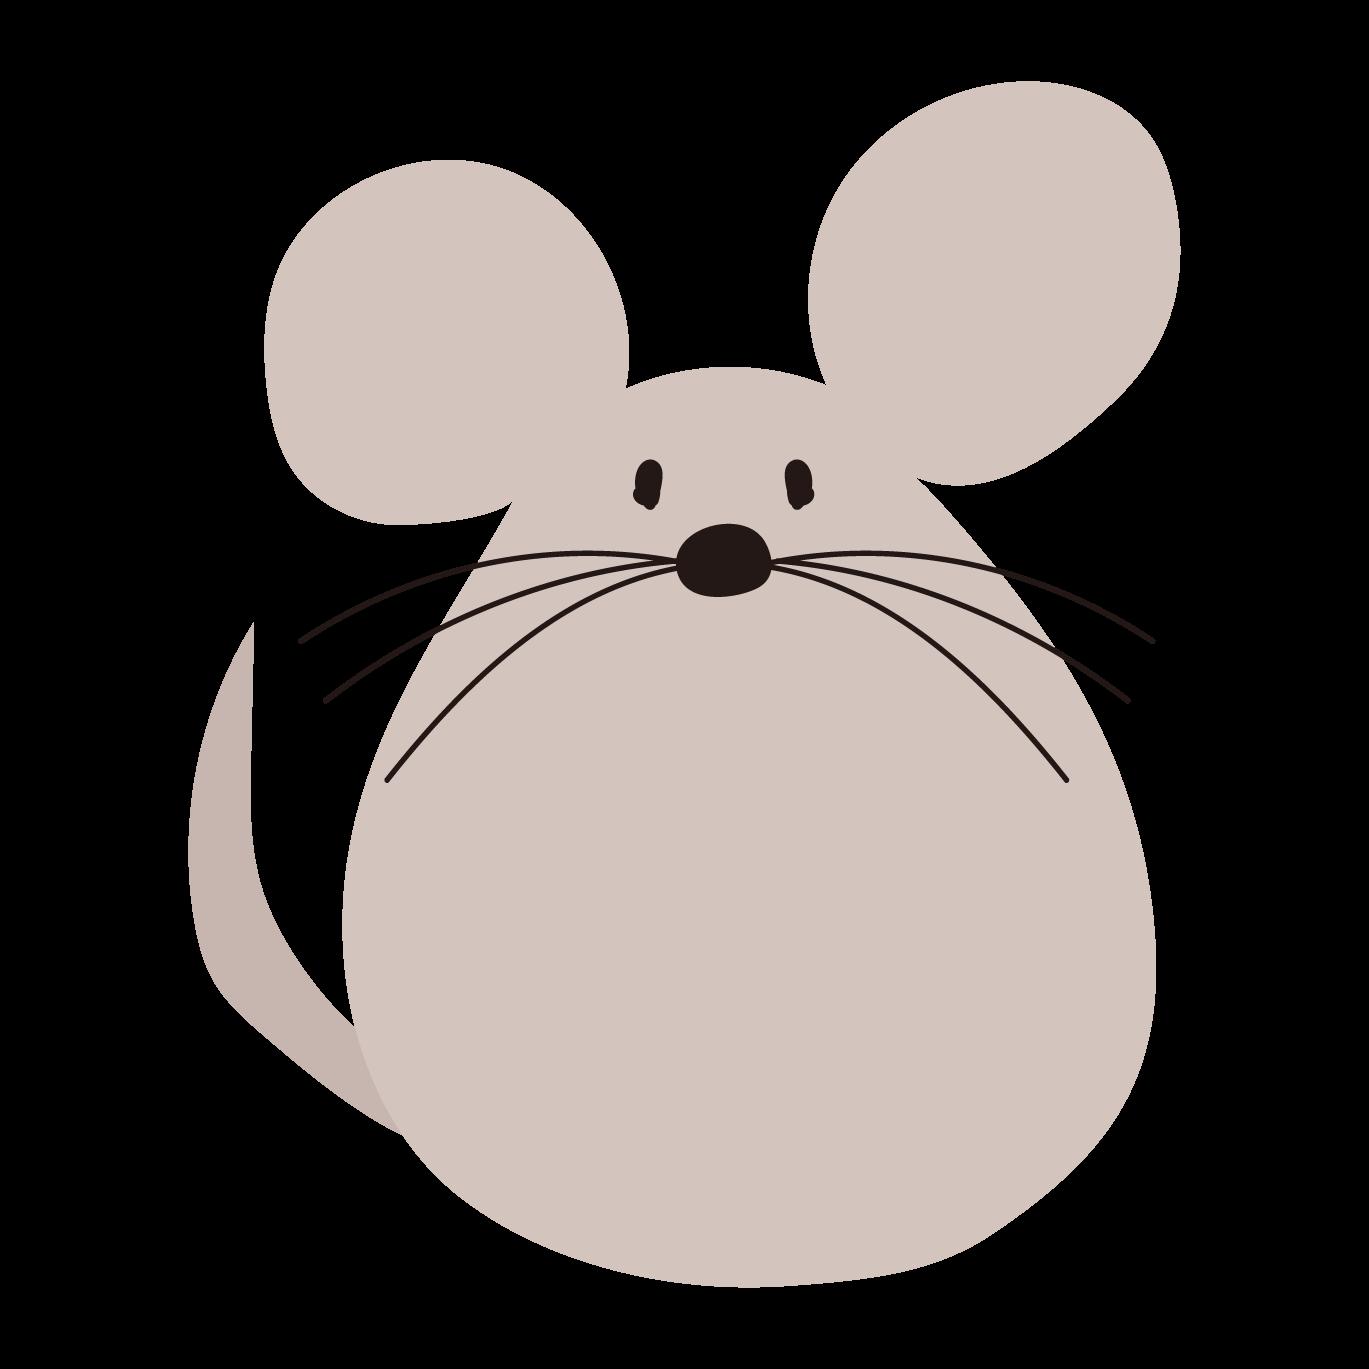 ネズミ 鼠 ねずみ の かわいい 無料 イラスト 商用フリー 無料 のイラスト素材なら イラストマンション